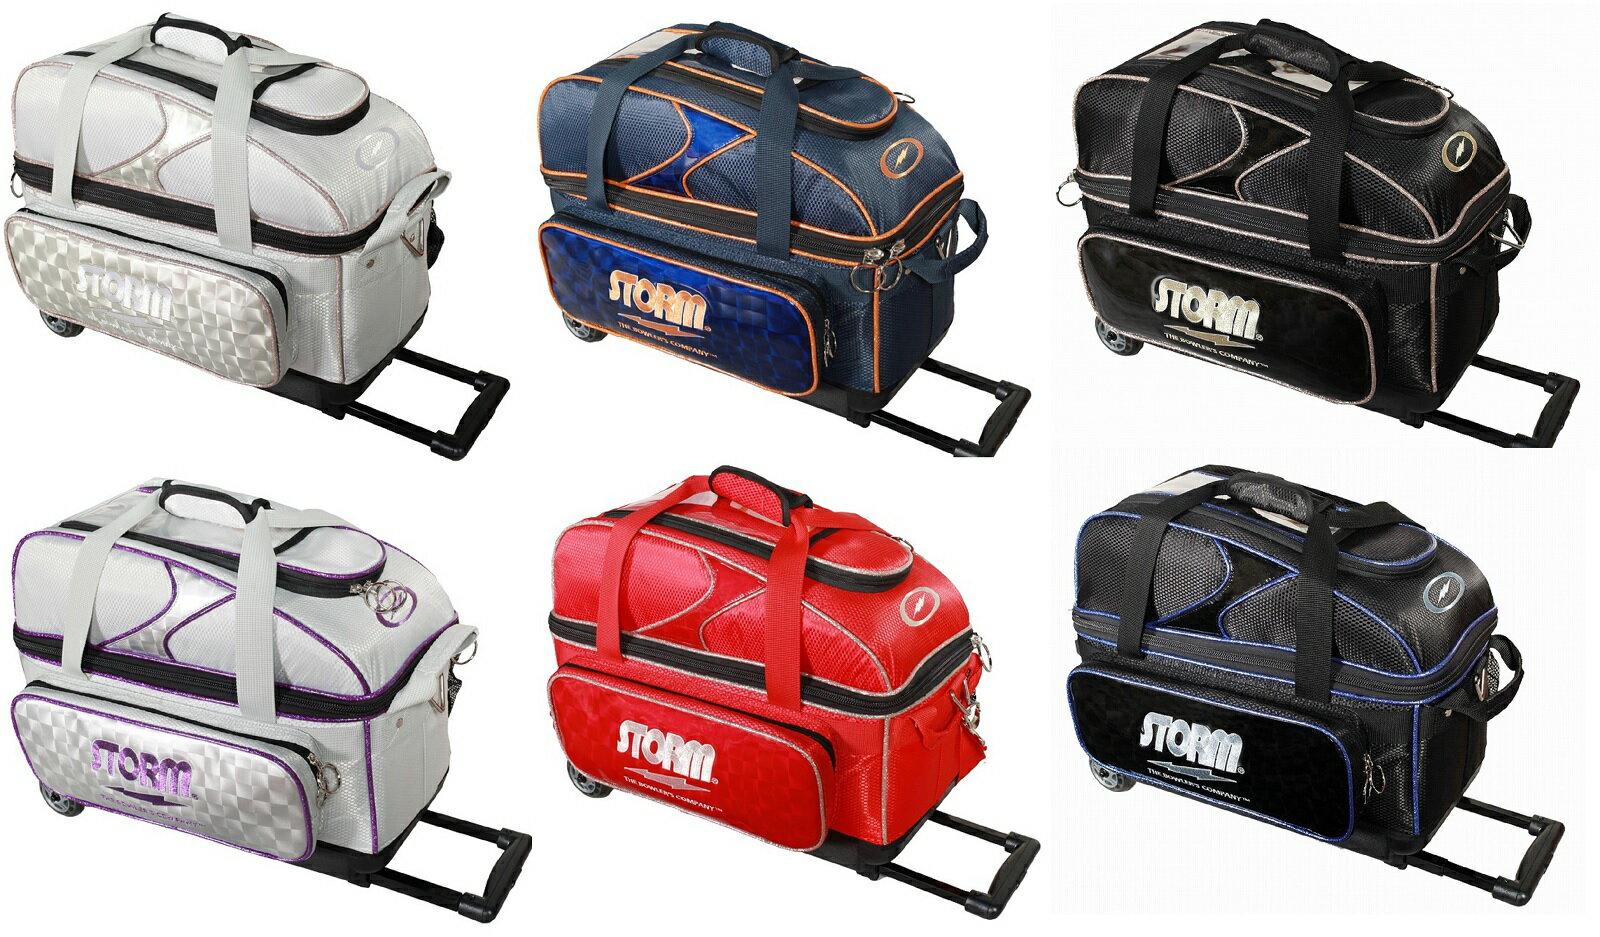 STORM ボウリング バッグ SB139-CJ 2ボール キャリー 全6色 ストーム バッグ ボウリング用品 ボーリング グッズ